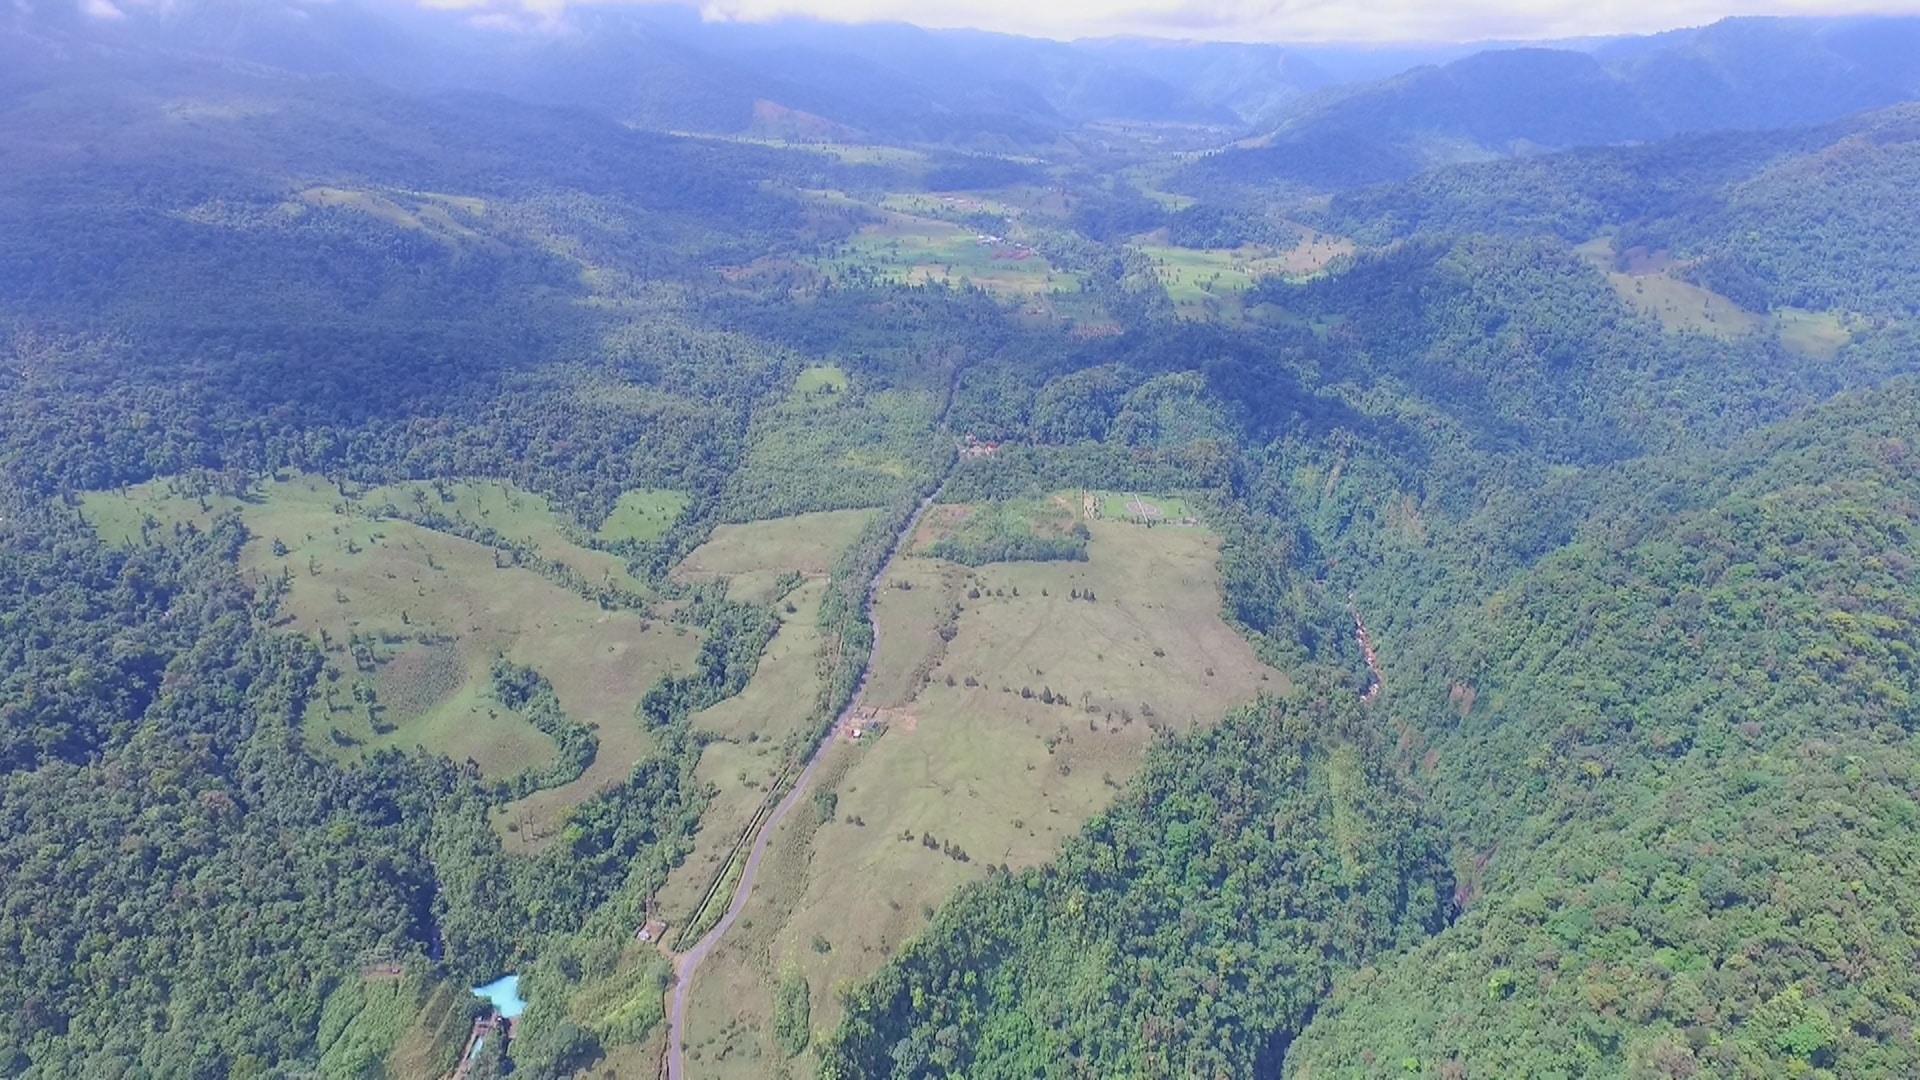 Bajos Del Toro valley